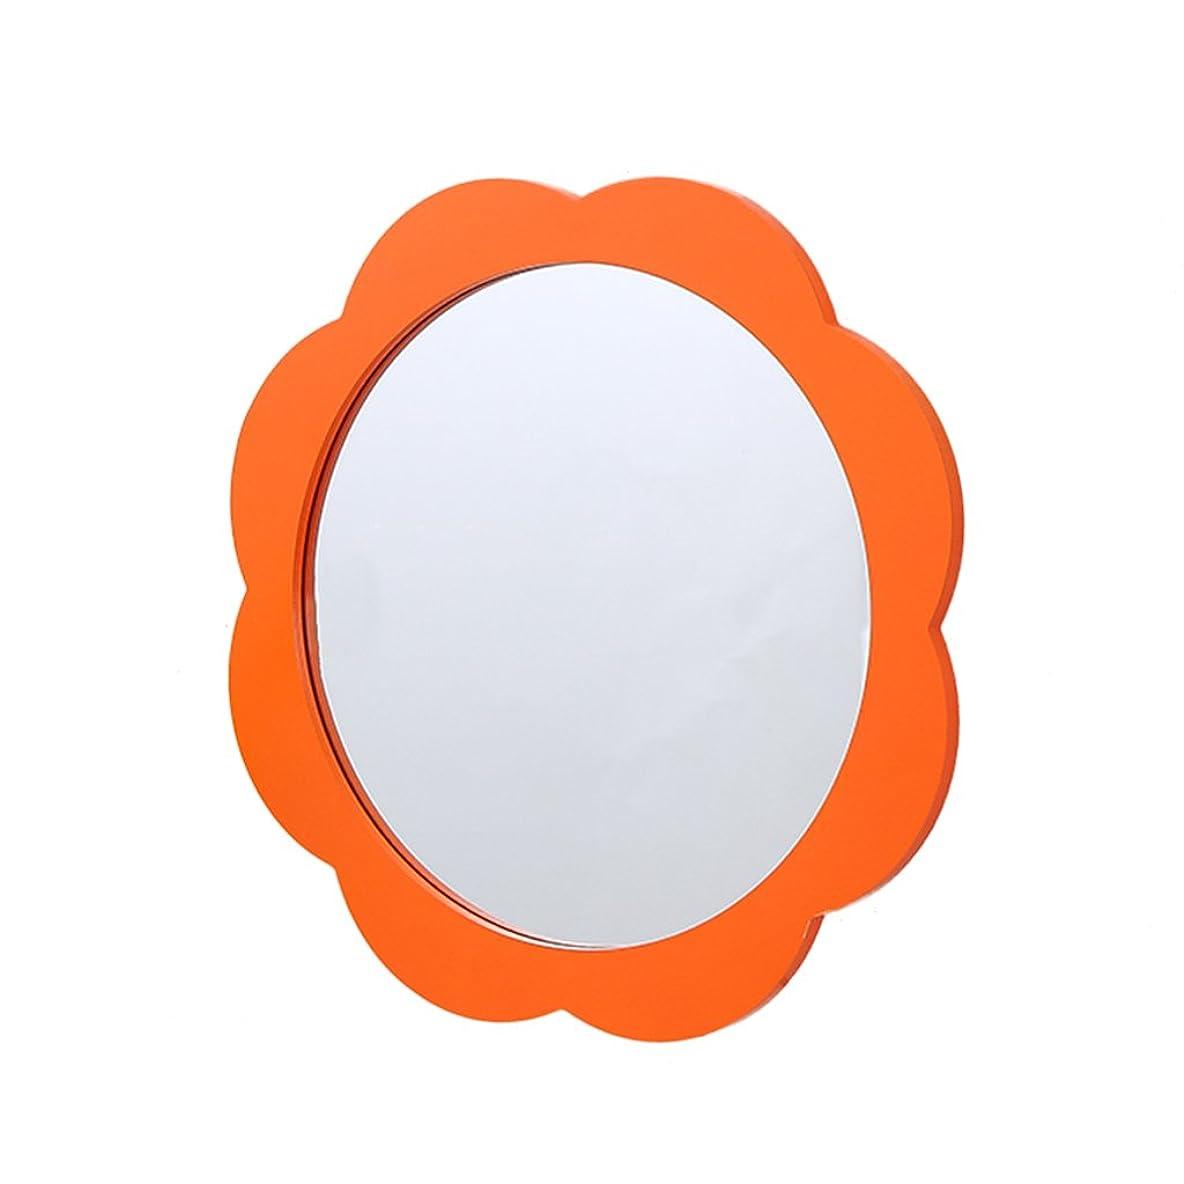 帝国主義認証歪めるJTWJ 幼稚園の壁の鏡、壁の鏡、子供の鏡、サイズ:39×39CM (色 : オレンジ)